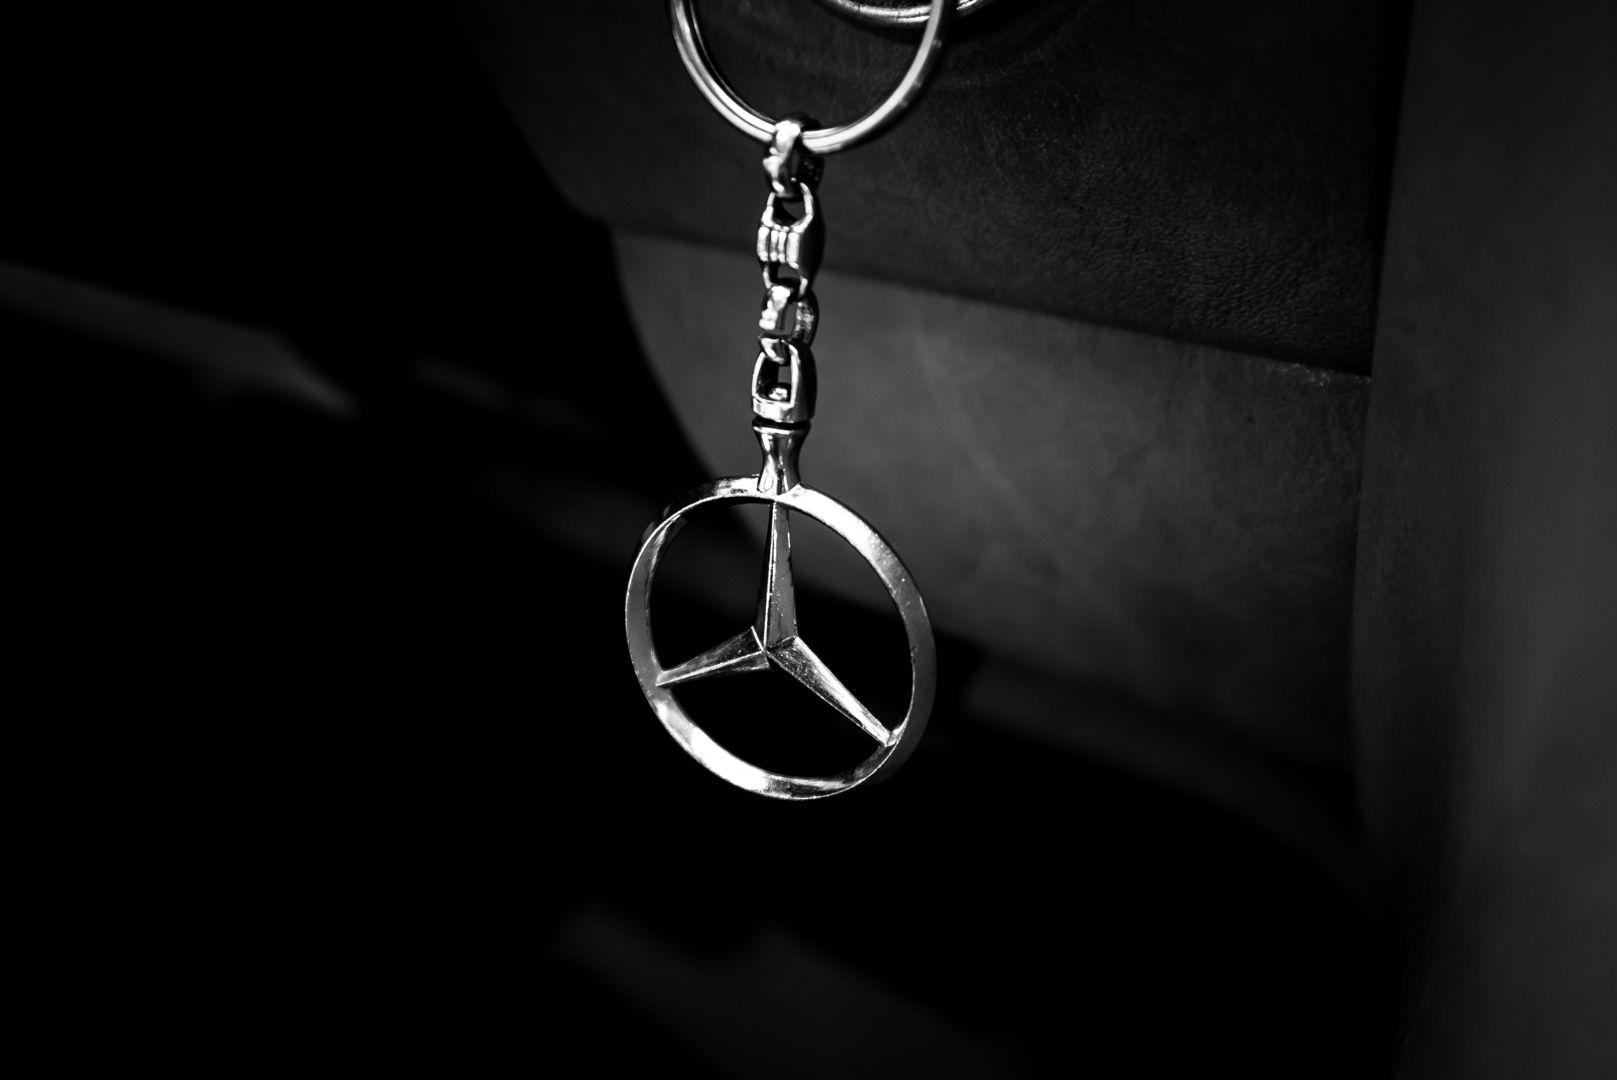 1985 Mercedes-Benz SL 560 73649